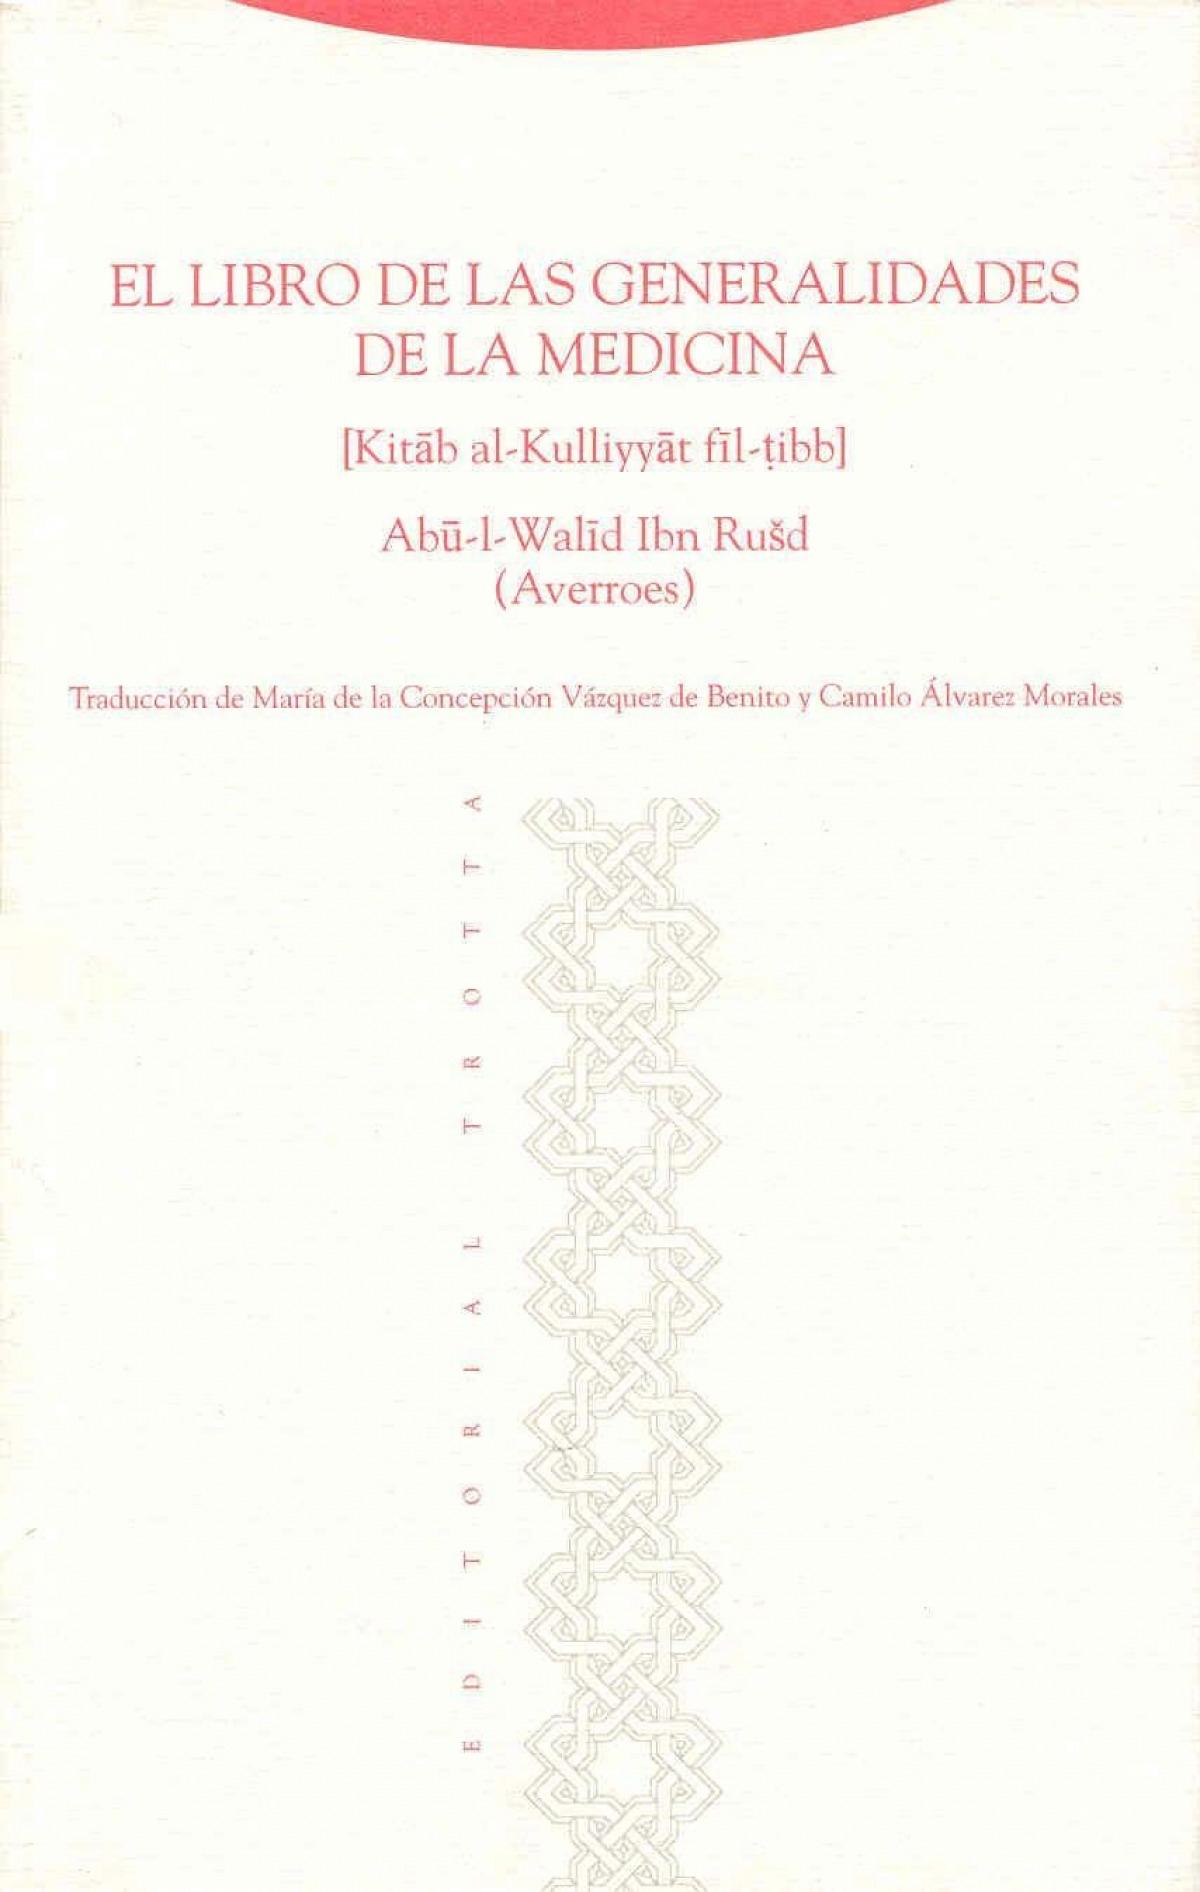 El libro de las generalidades de la medicina